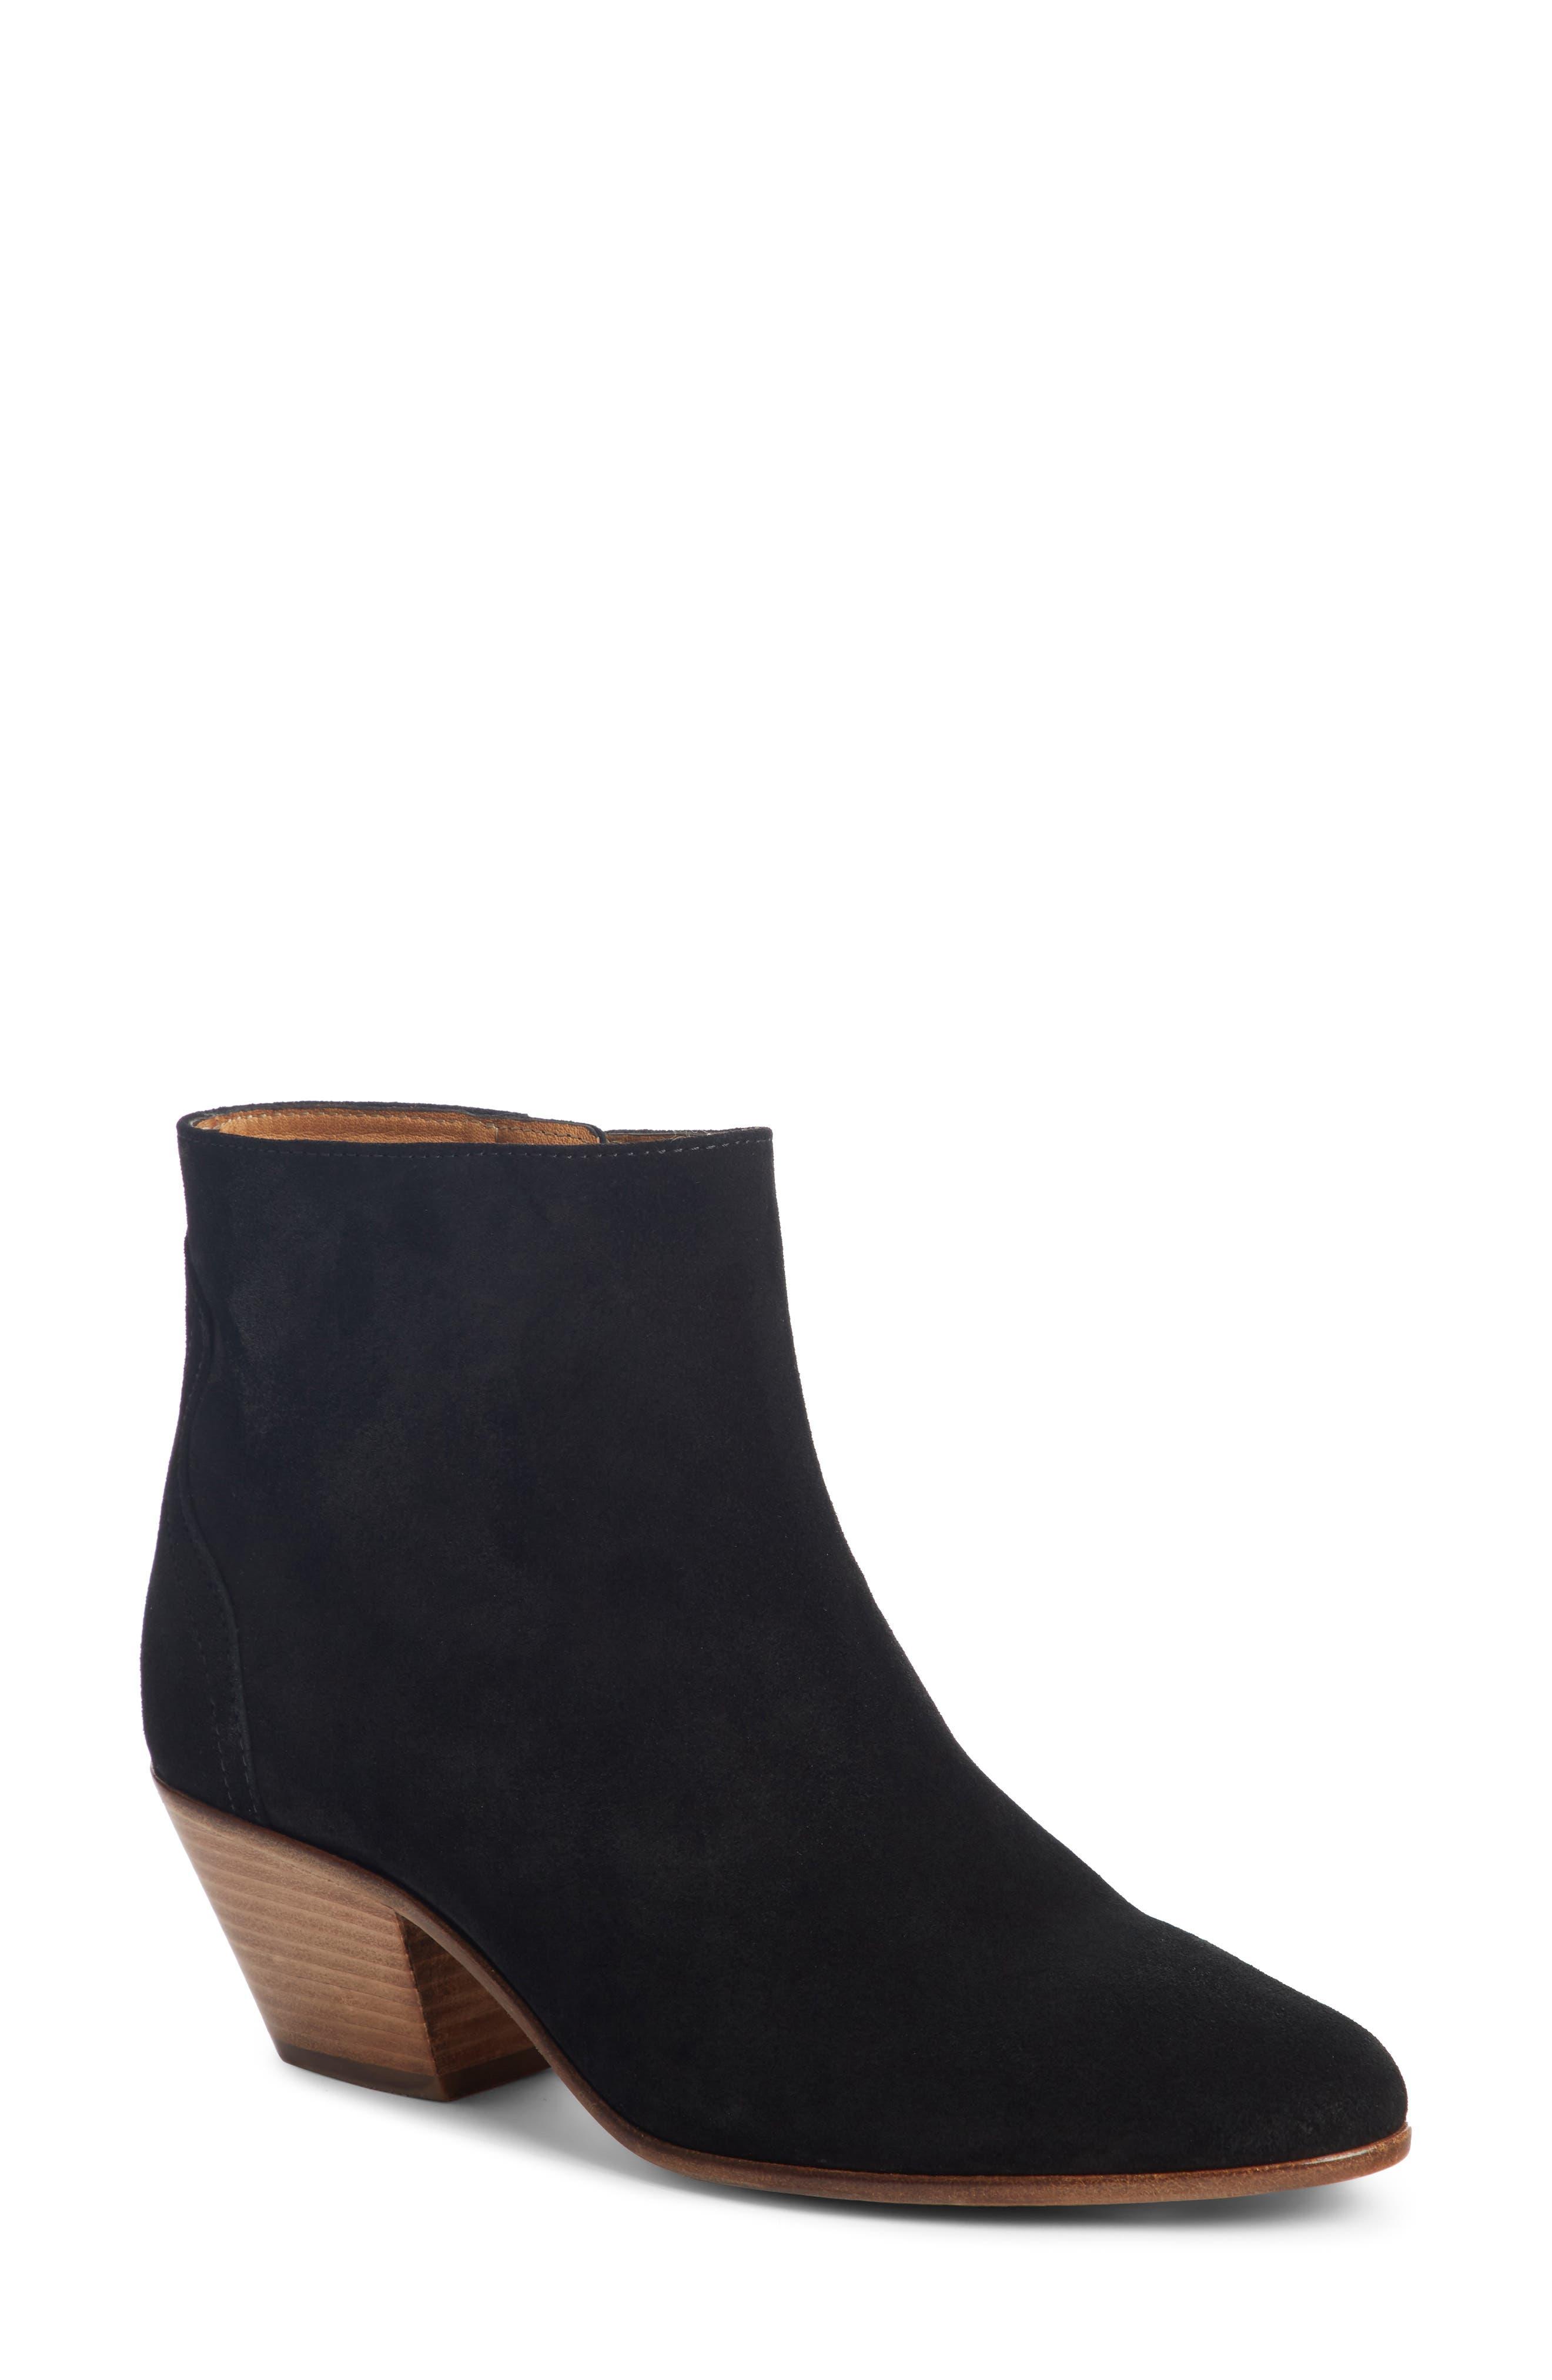 Dacken Stacked Heel Bootie,                         Main,                         color, BLACK